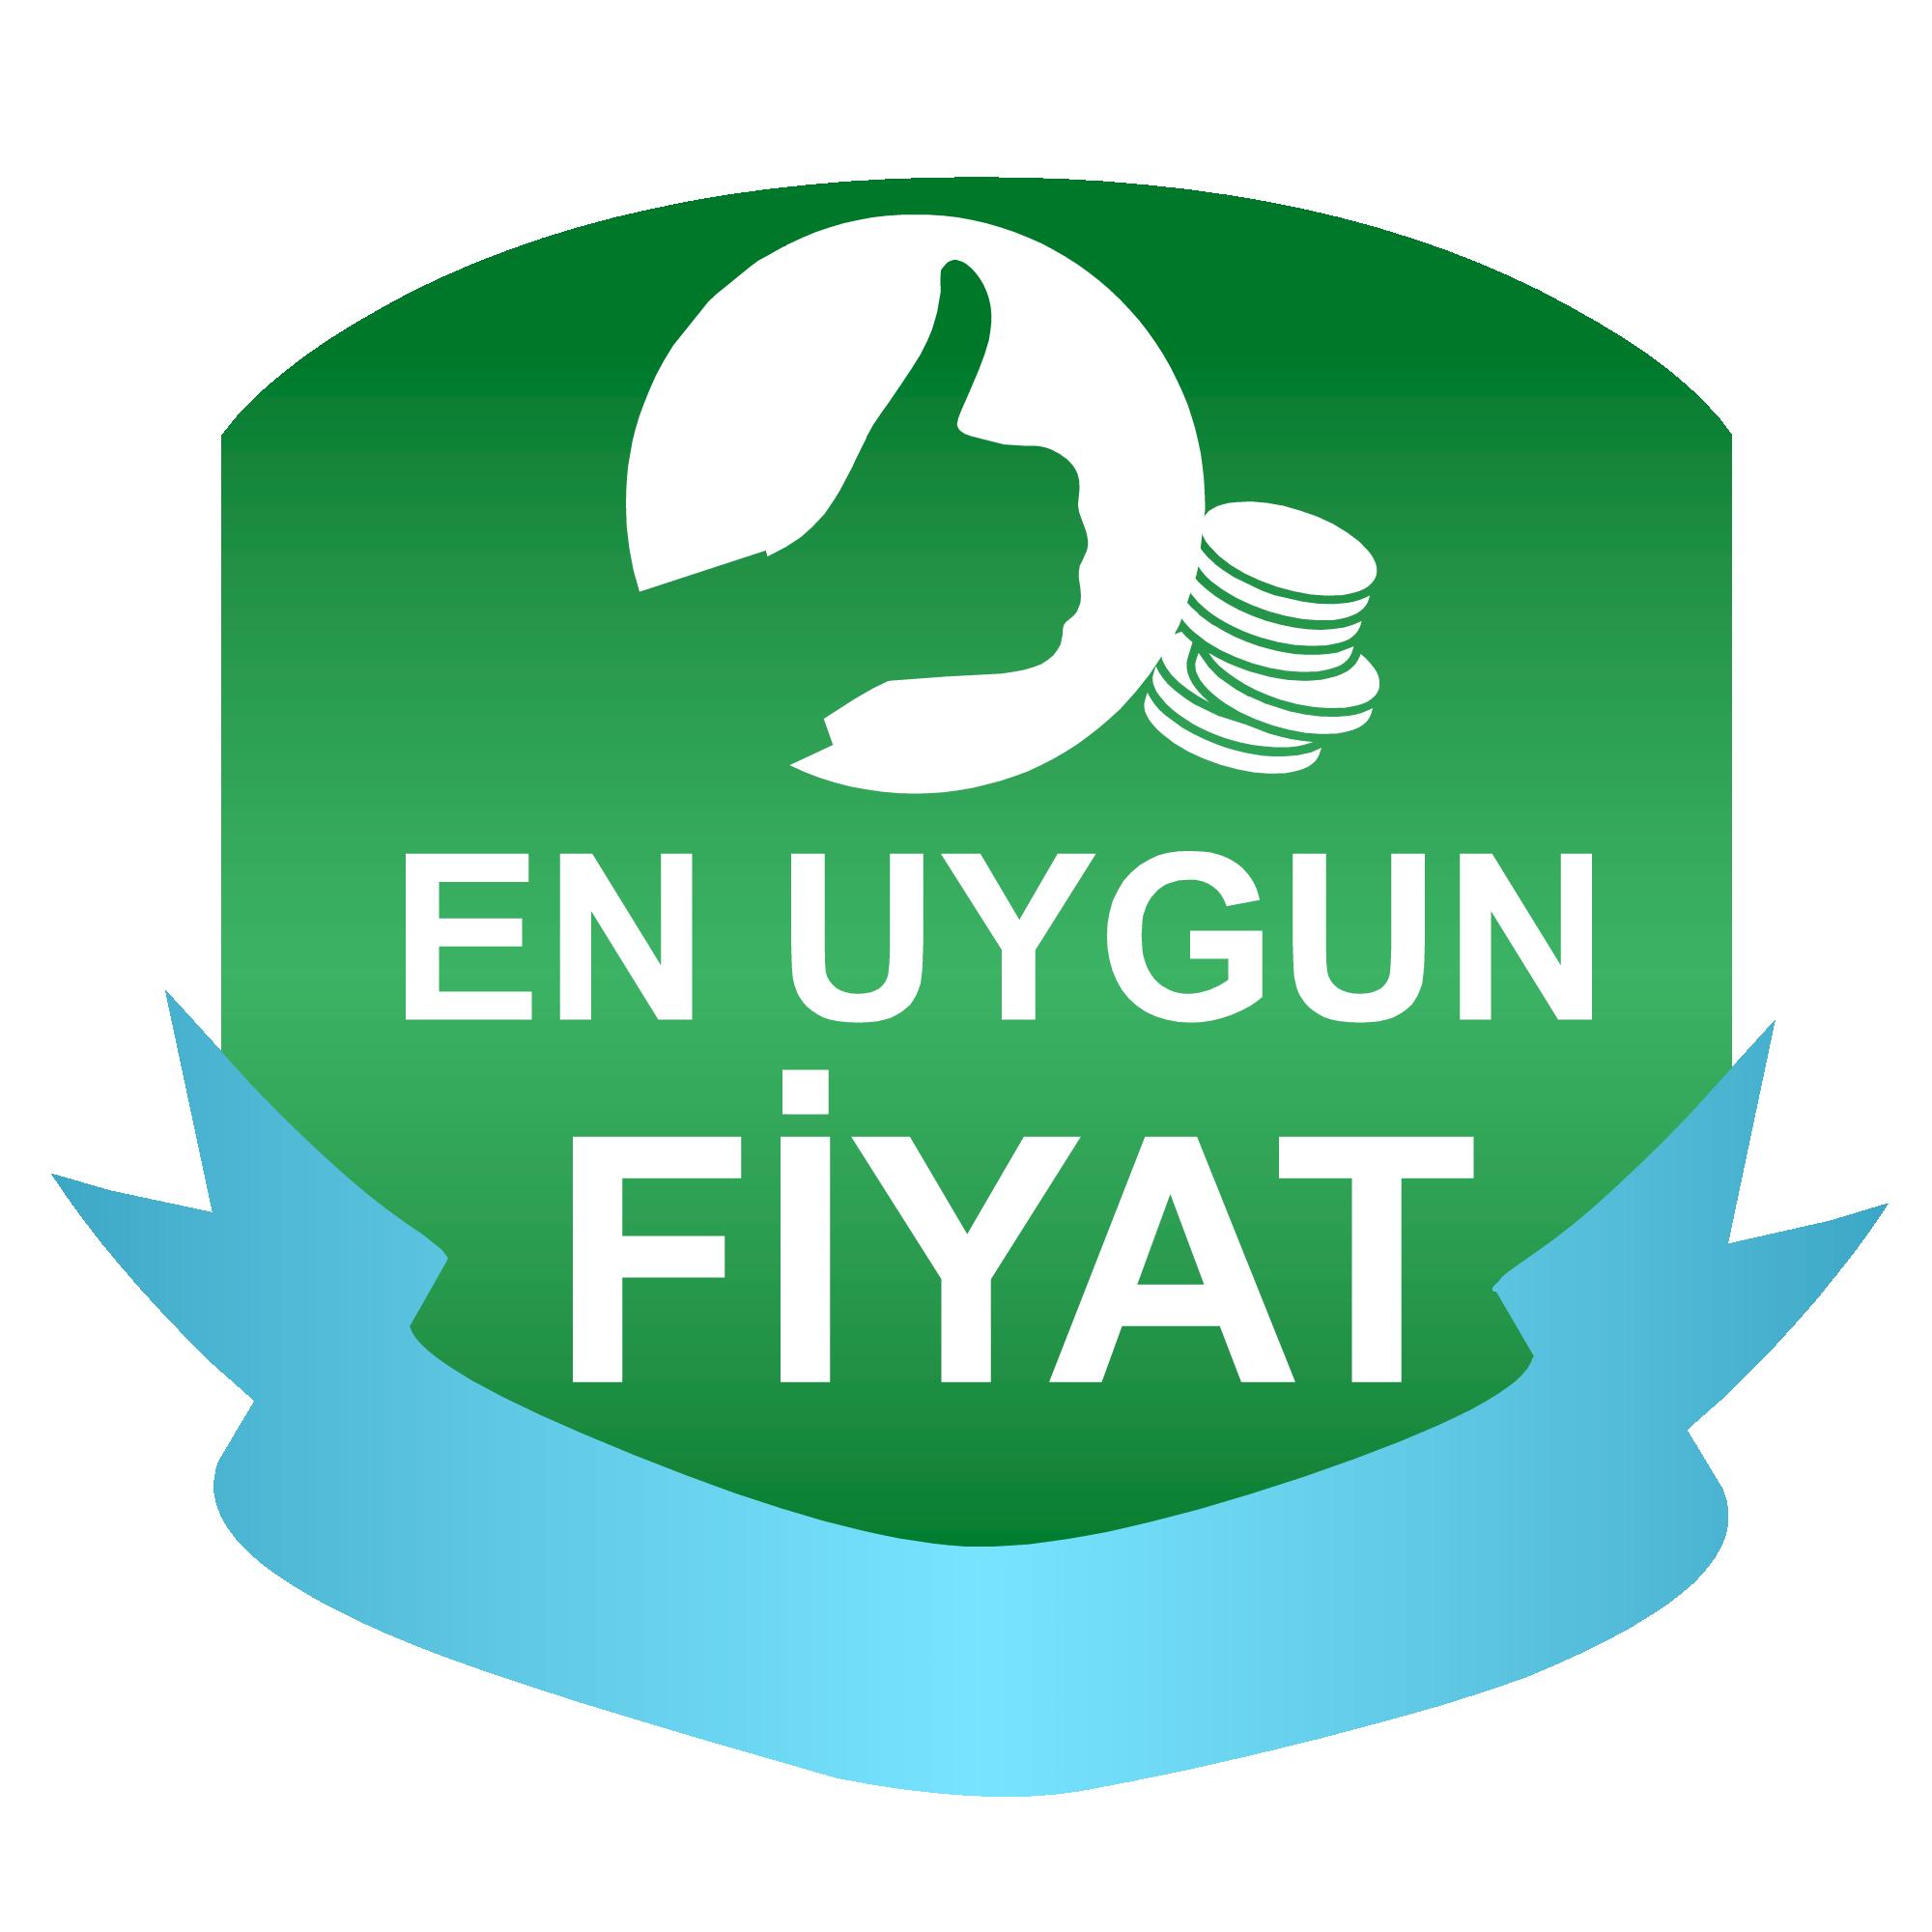 Uygunfiyat.png (138 KB)